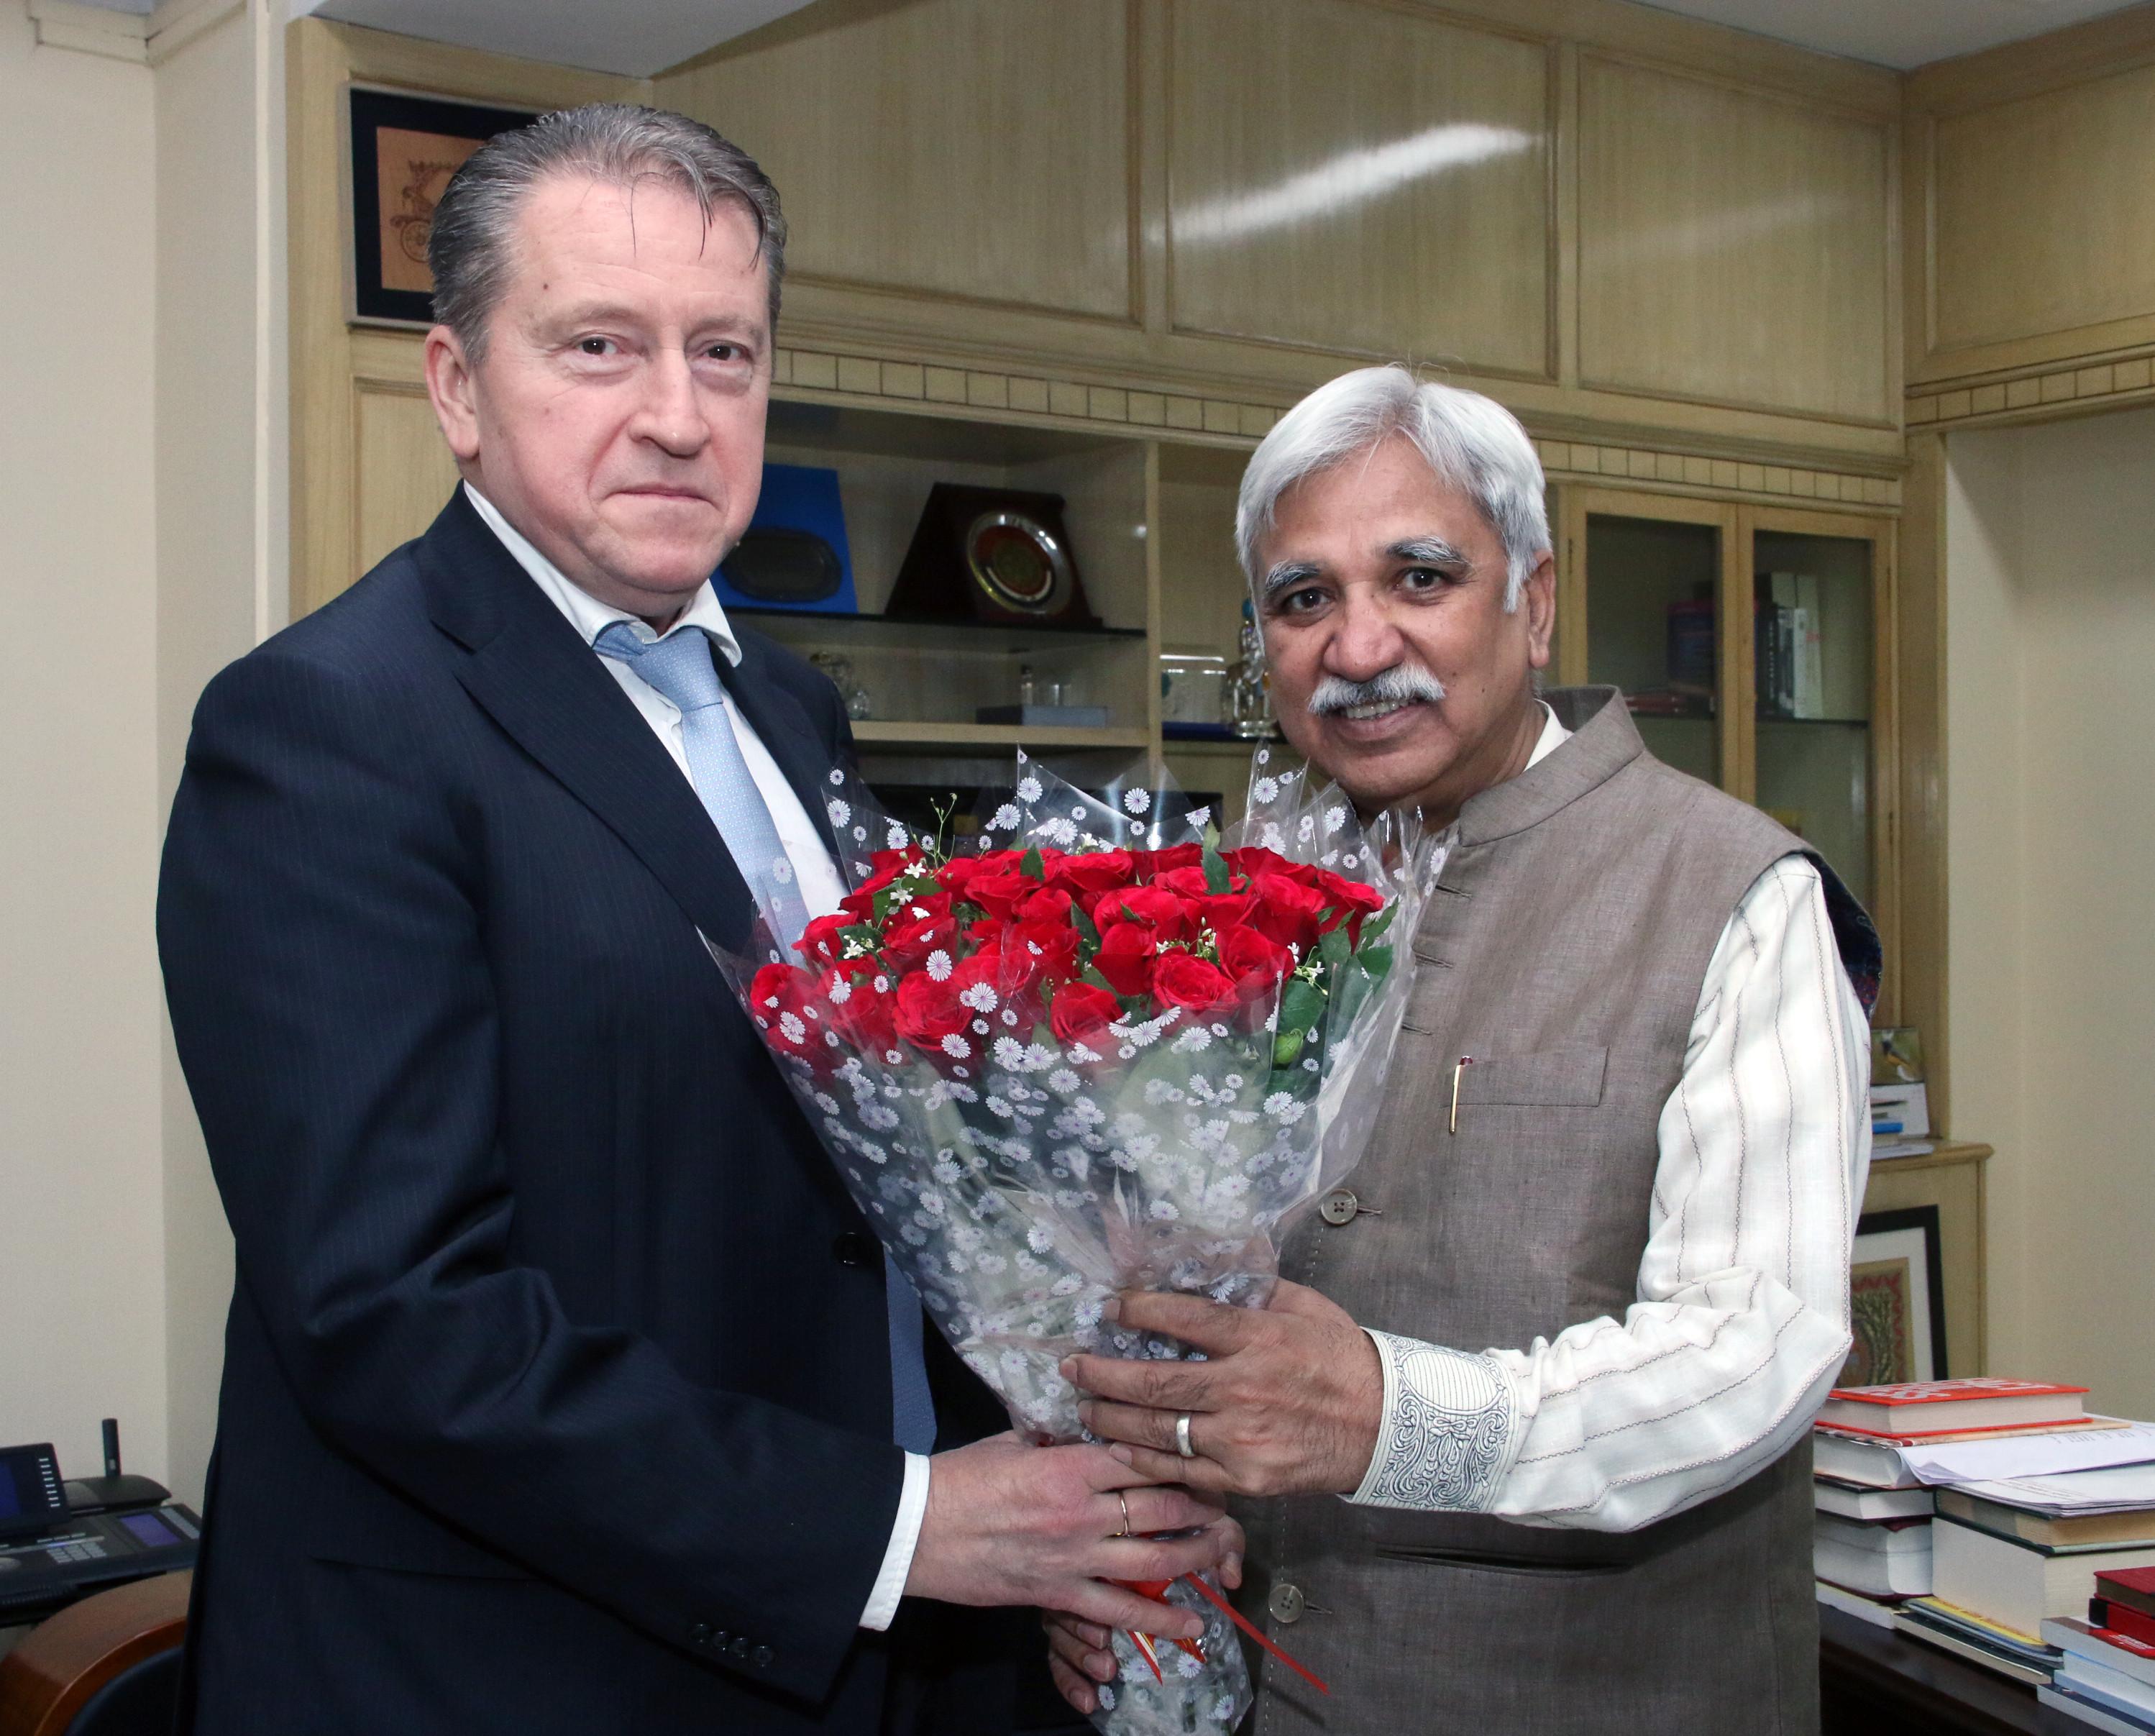 भारत में रूसी संघ के राजदूत, श्री निकोले रिश्तोविच खुदाशेव ने 8 अप्रैल, 2019 को भारत के मुख्य निर्वाचन आयुक्त, श्री सुनील अरोड़ा से मुलाकात की।